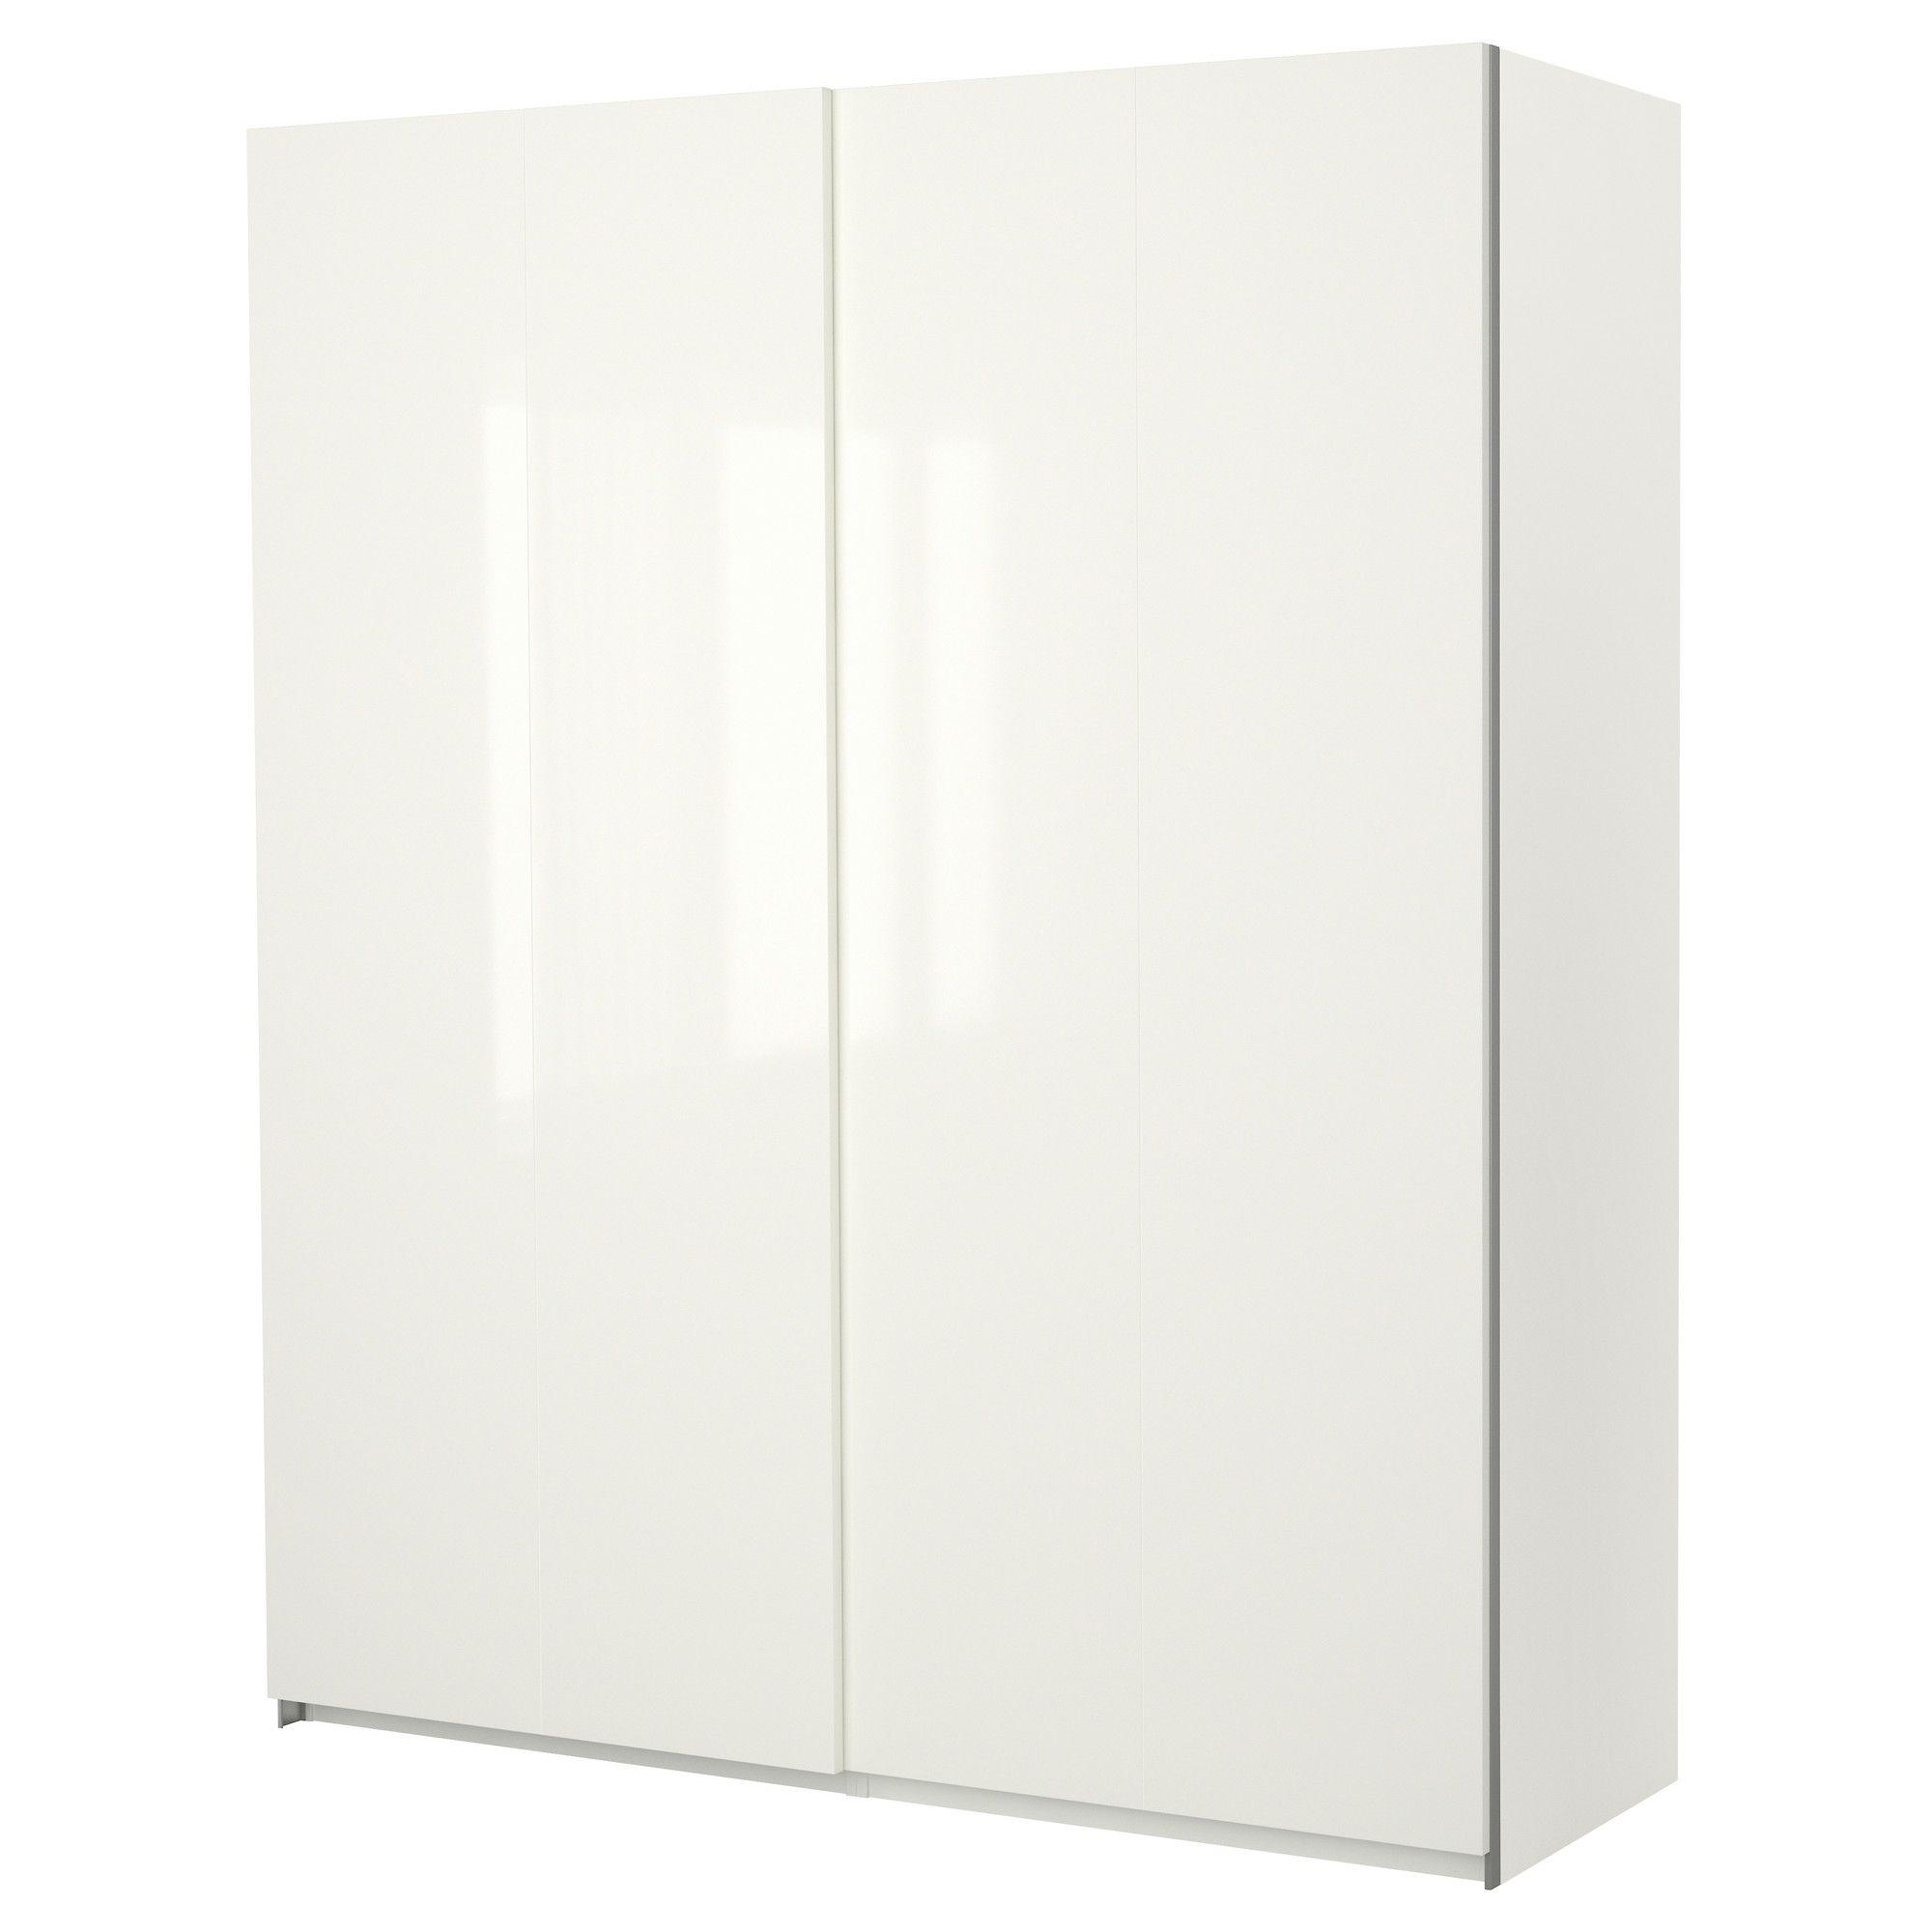 PAX Wardrobe with sliding doors White hasvik high gloss